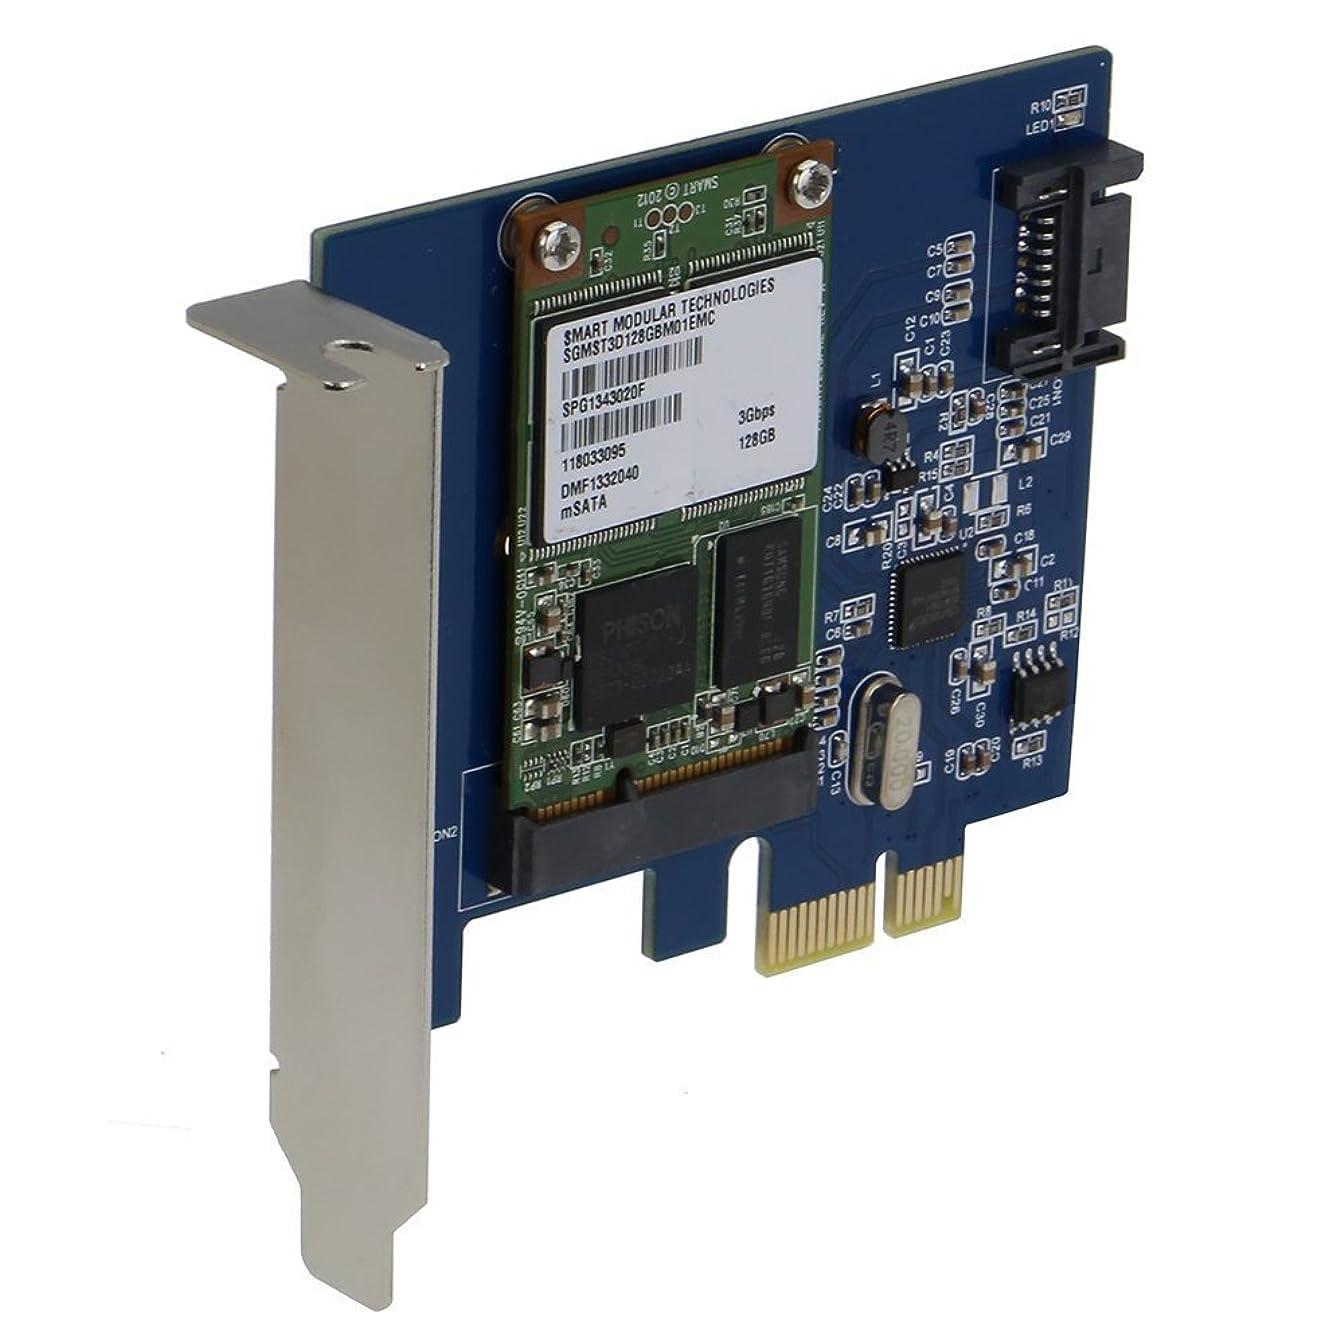 ビタミン大混乱宝SEDNA?–?PCI Express mSATA III (6g) SSDアダプタwith 1ポートSATA III with Low ProfileブラケットSSD not included)